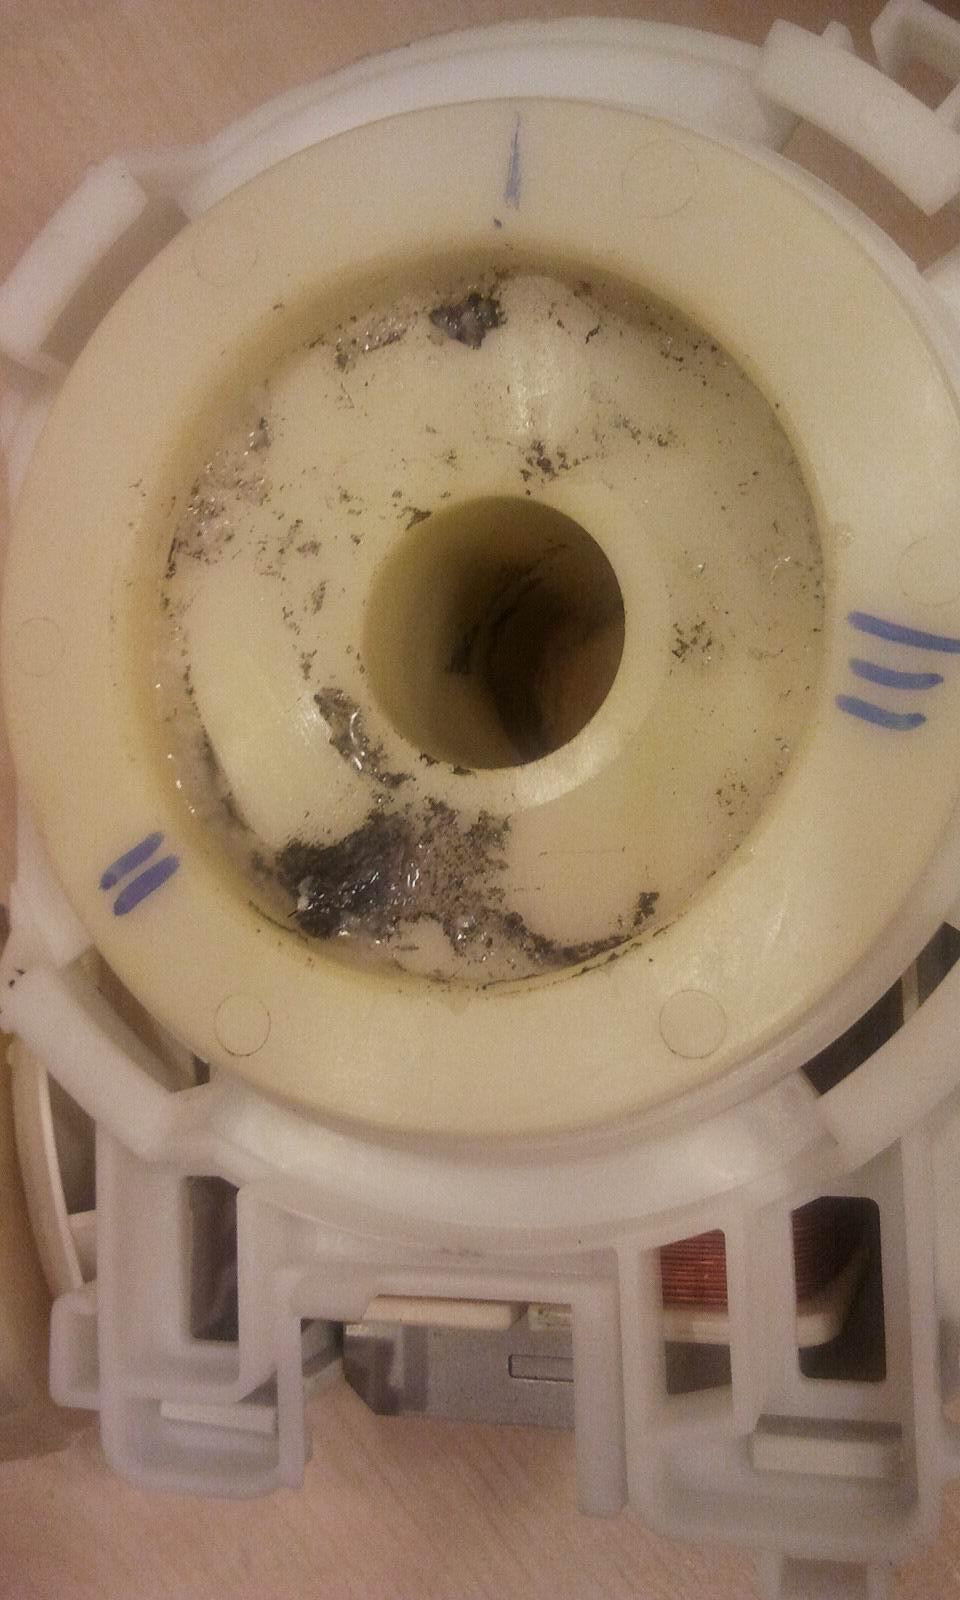 whirlpool/7440/1 - Zmywarka nie uruchamia pompy myj�cej